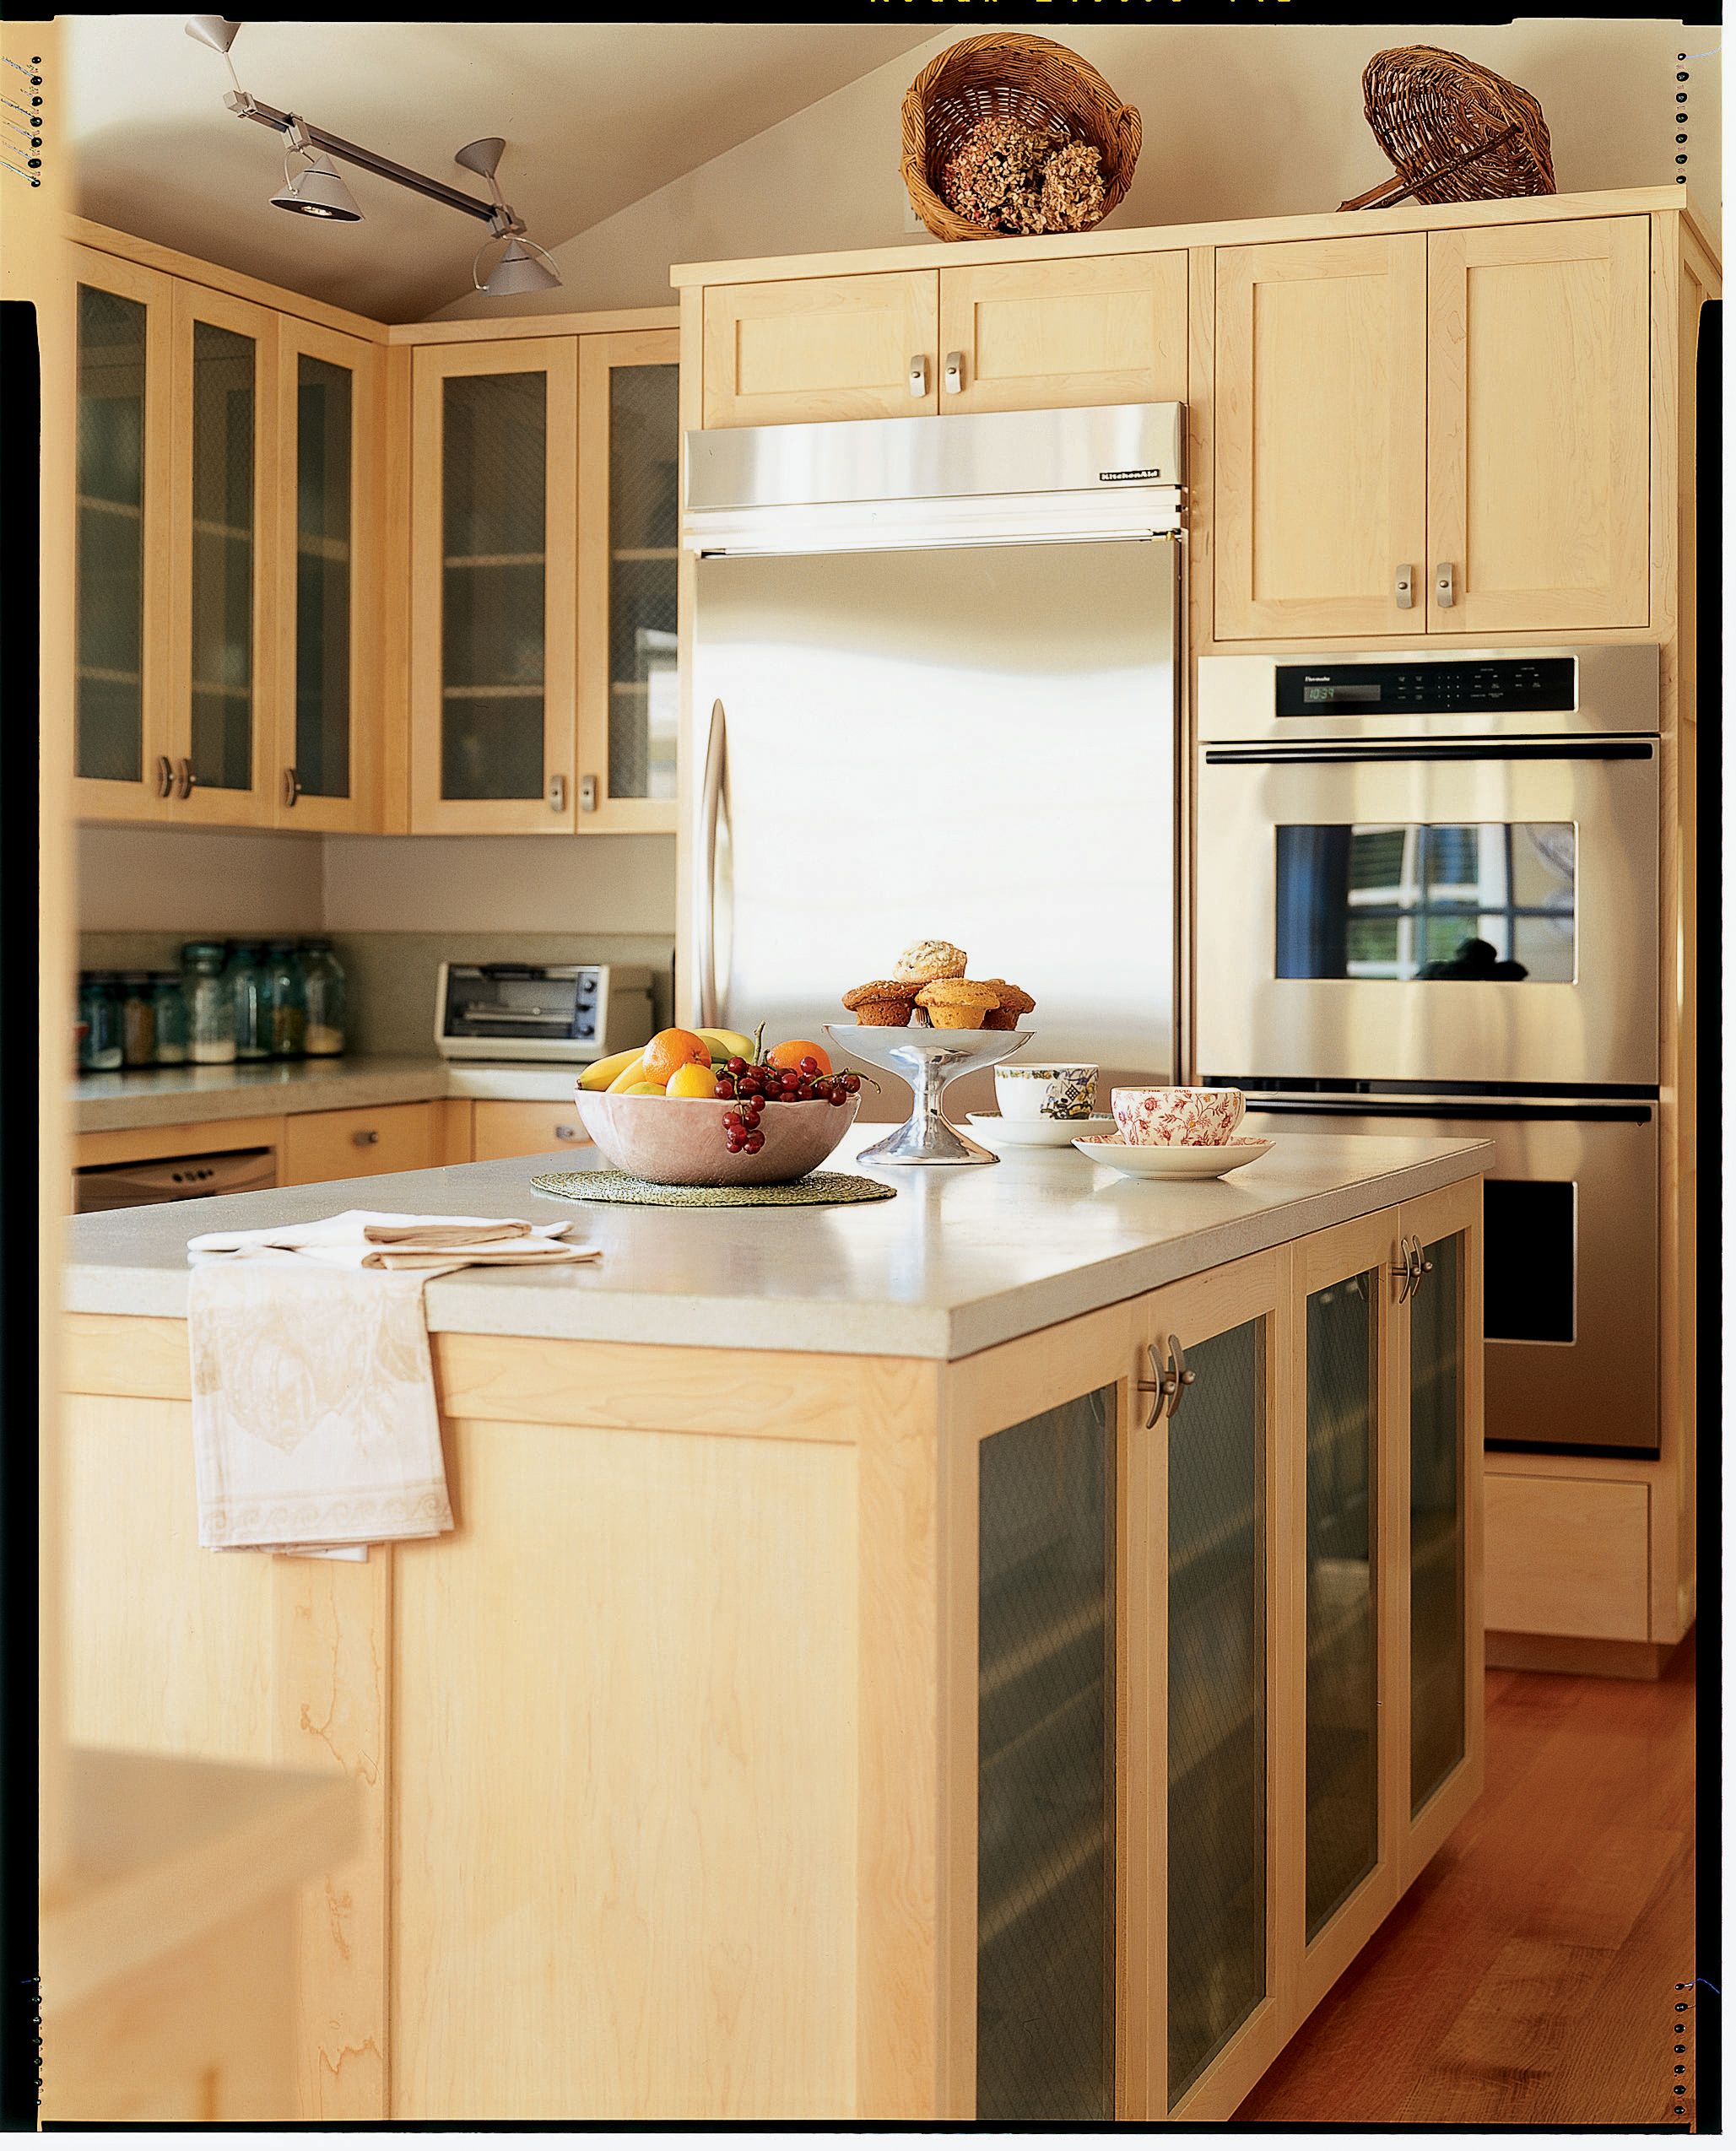 Great Kitchen Design Ideas Kitchen Inspiration Design Green Countertops Kitchen